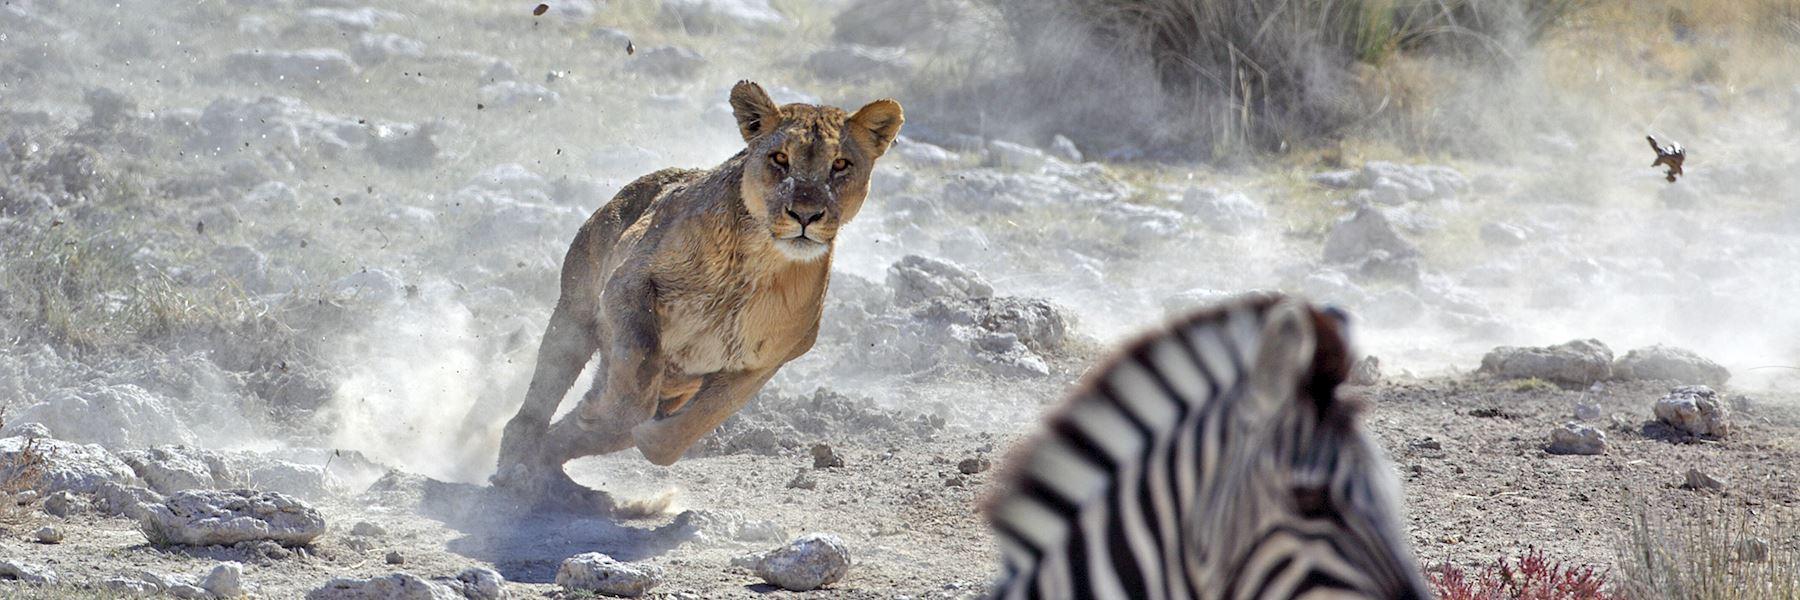 Namibia trip ideas